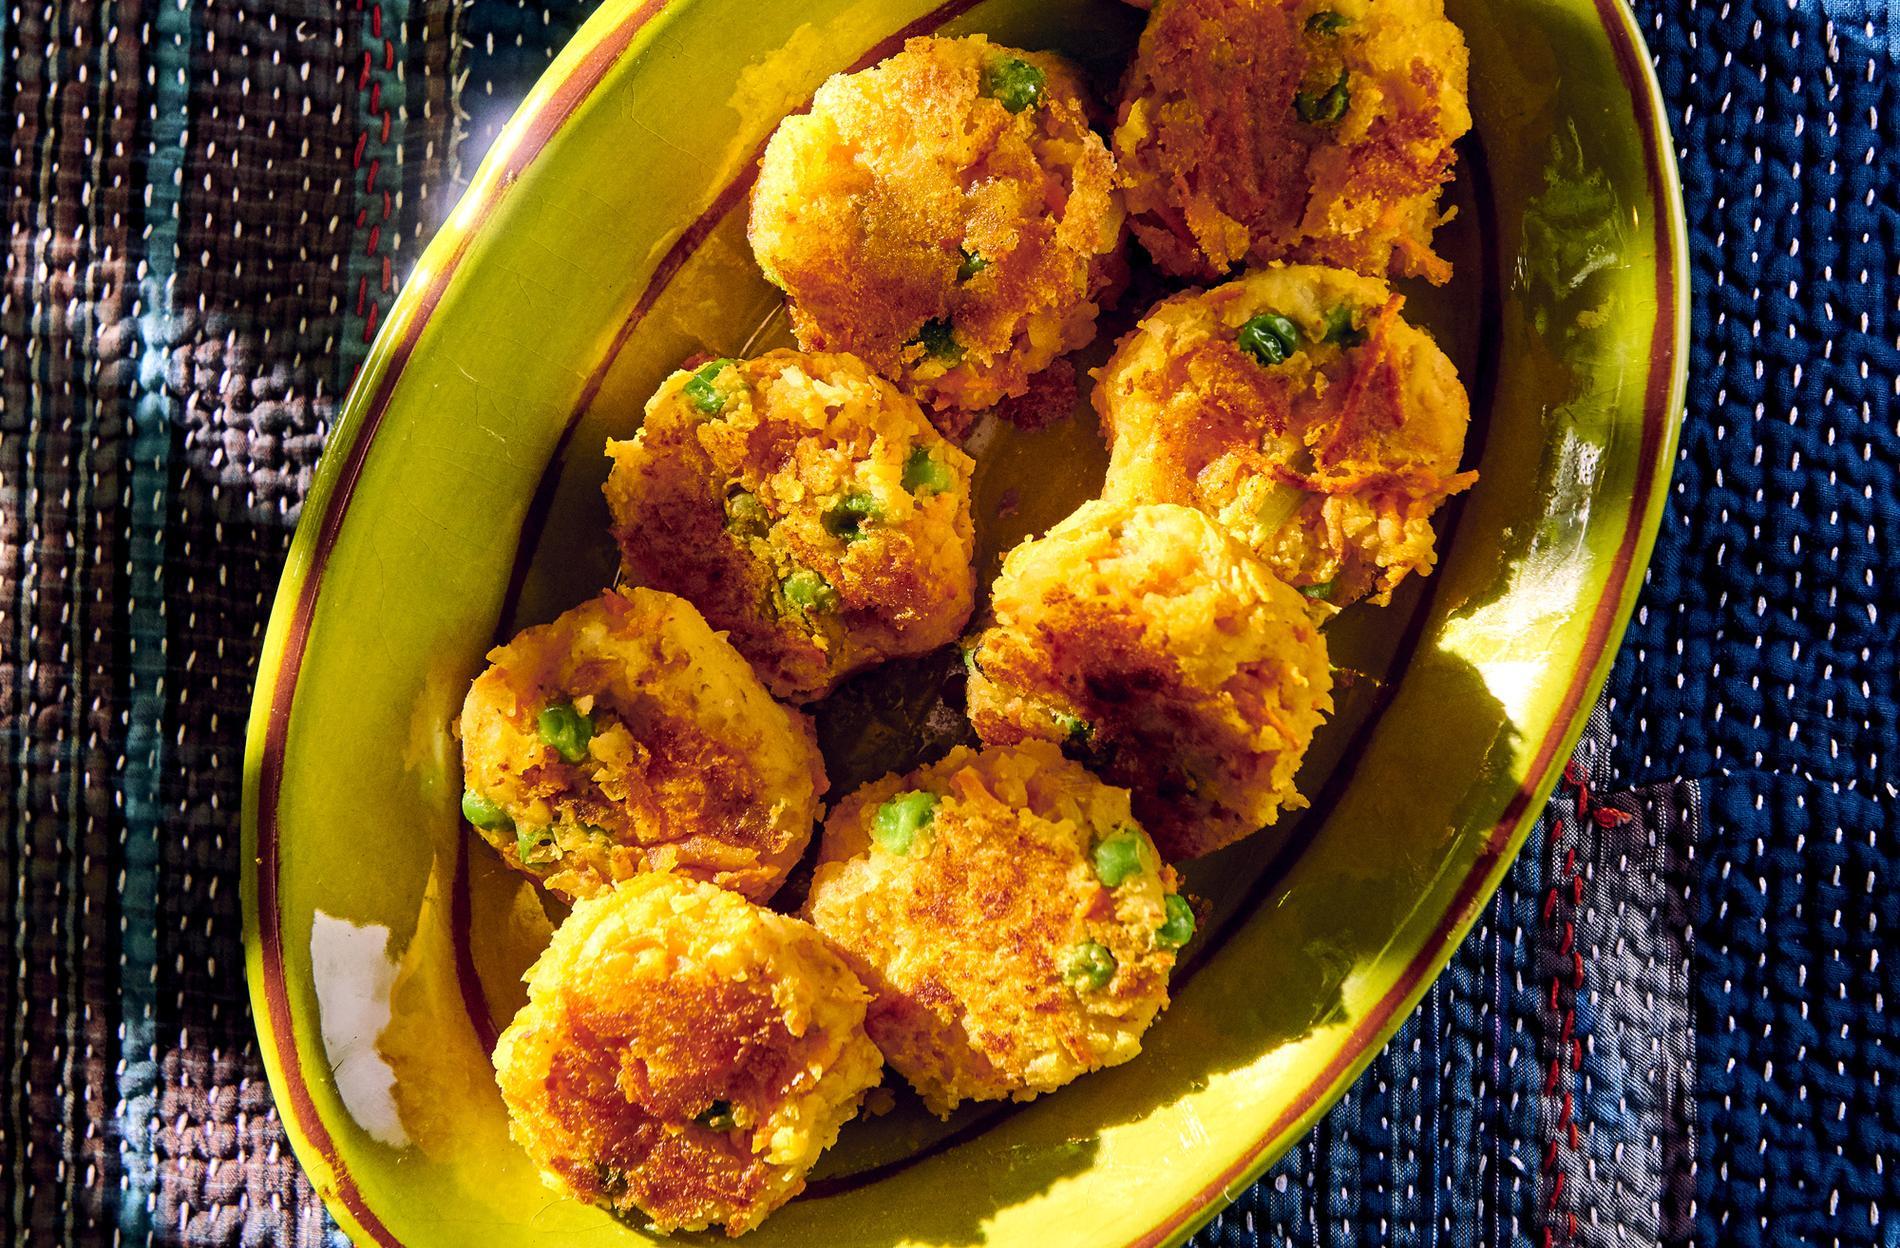 Recette boulettes végétariennes à l'indienne - Cuisine ...